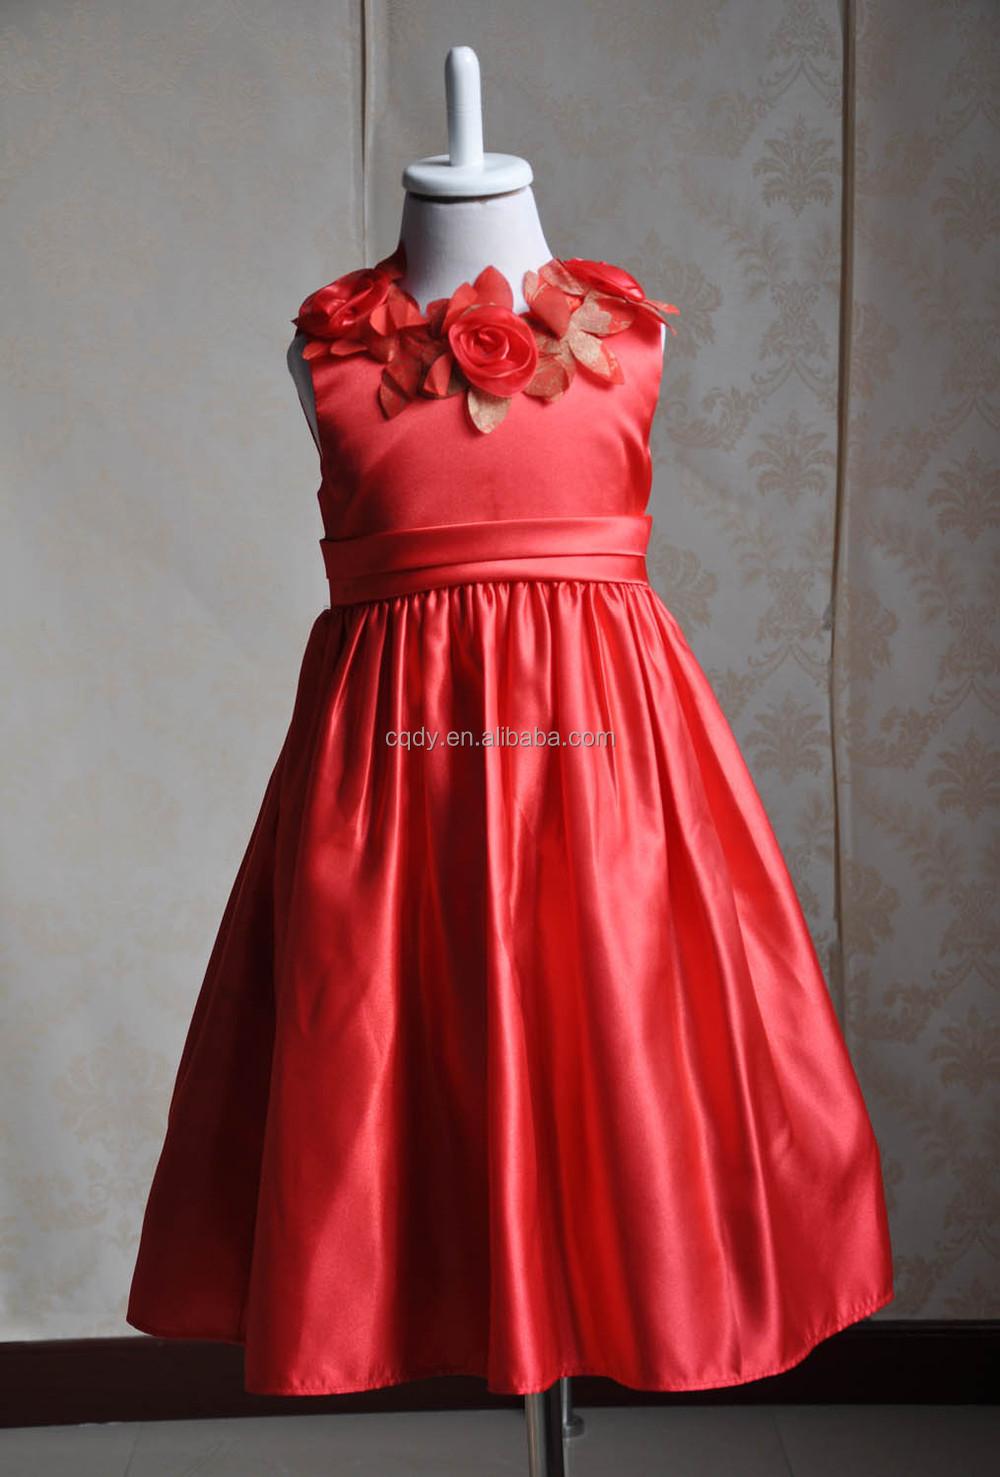 2015 hot sale red childrens evening dresschildren frock model 2015 hot sale red childrens evening dresschildren frock modelkids bridal red dress ombrellifo Gallery